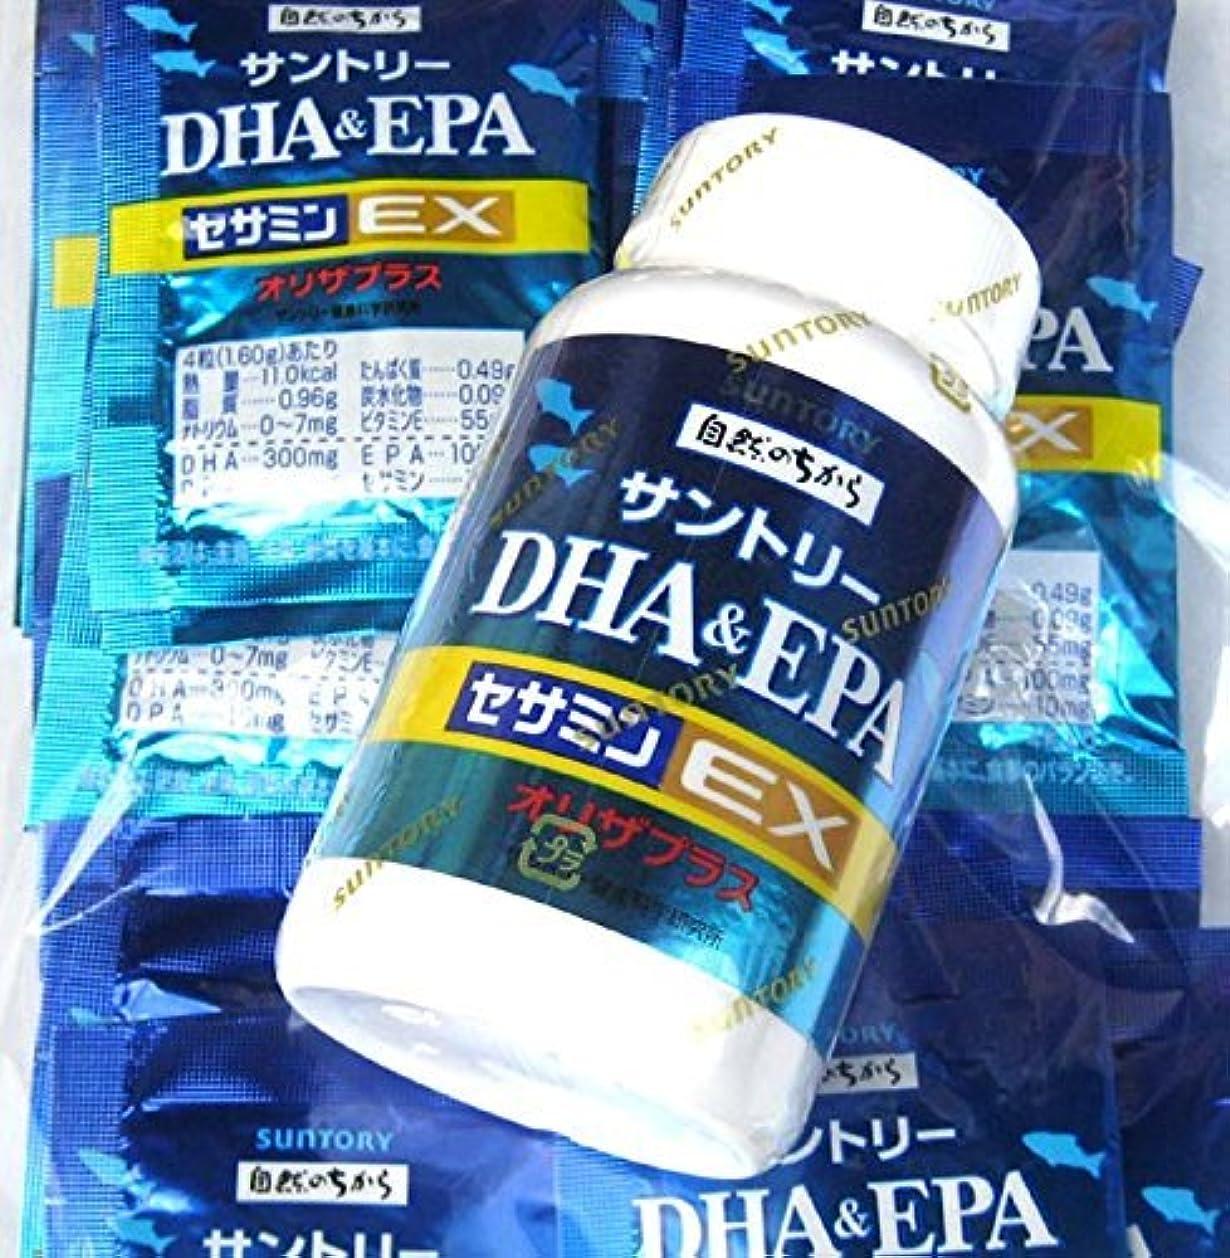 精算減らす怠感サントリー DHA&EPA+セサミンEX 360粒 (240粒+120粒